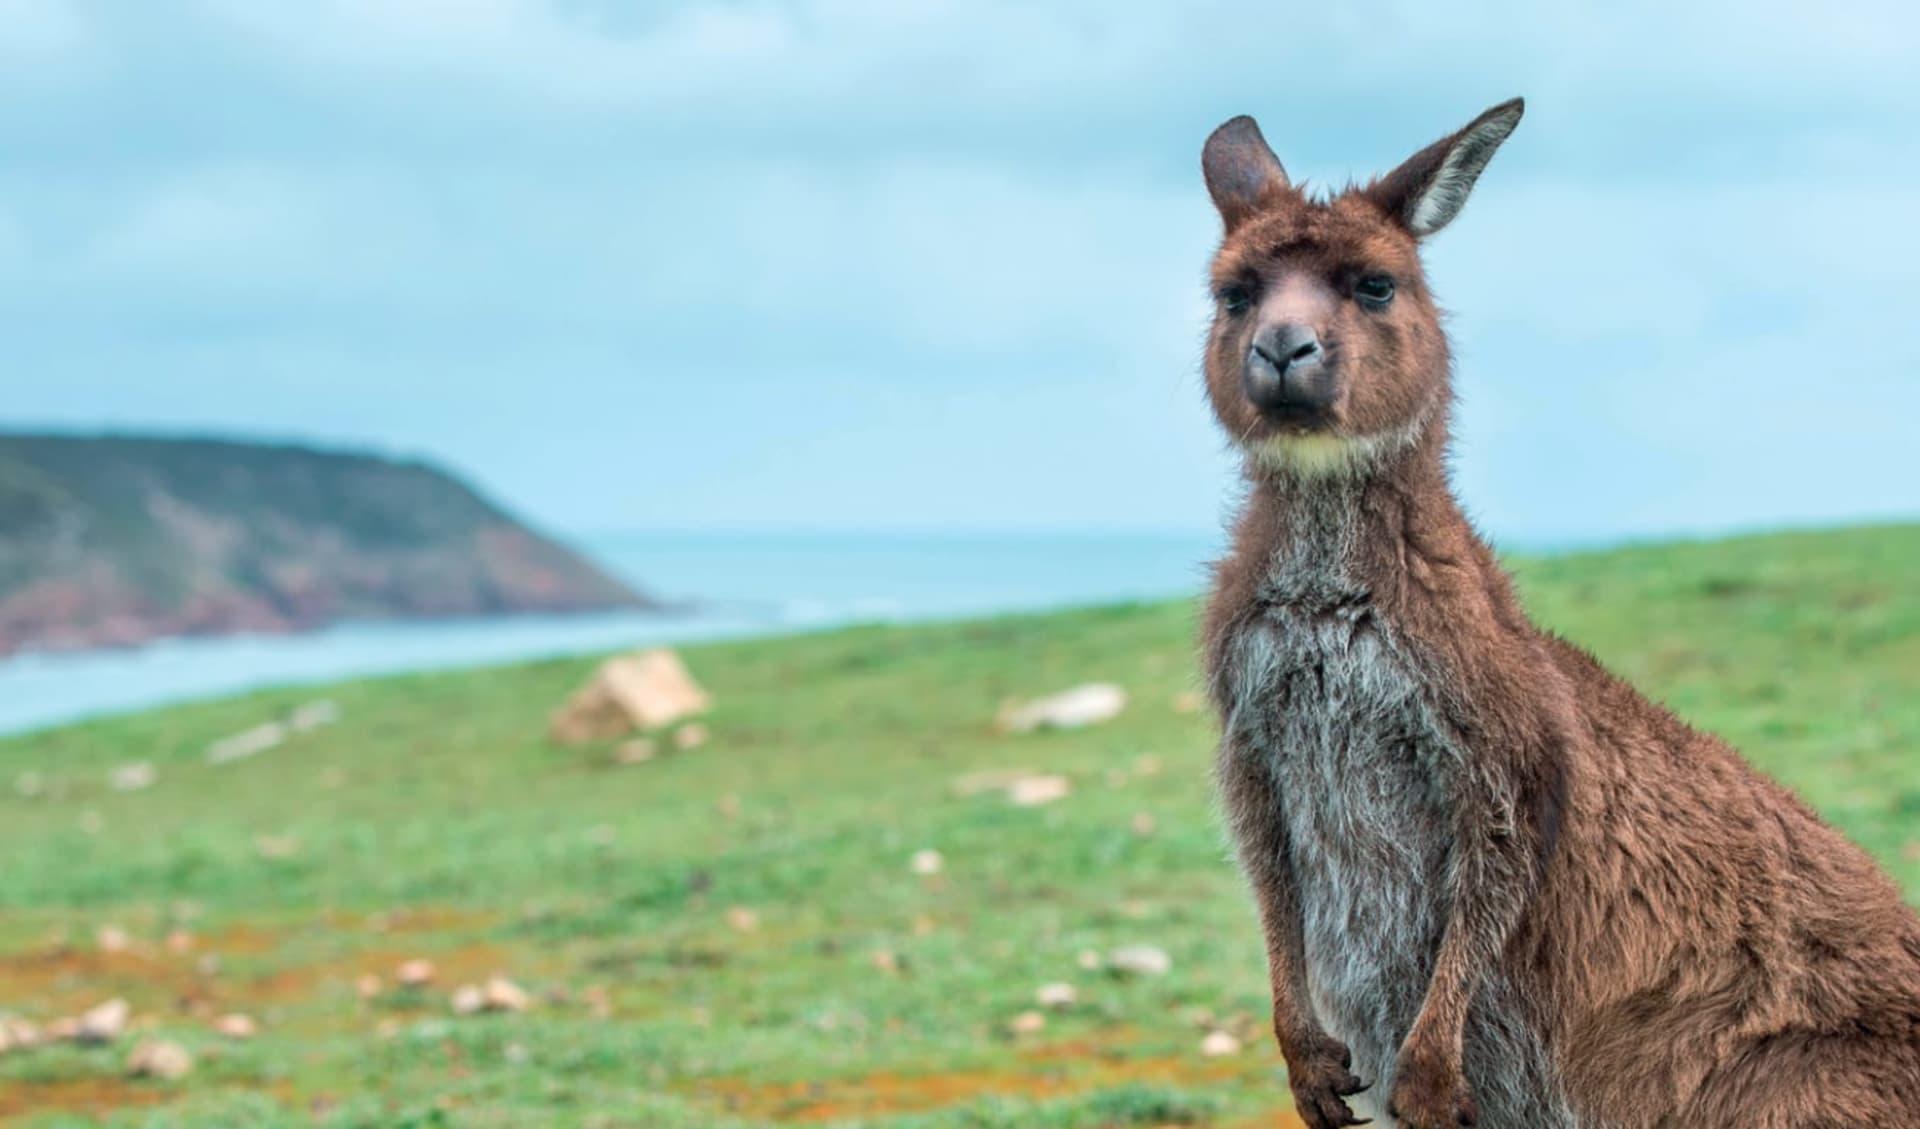 Best of Kangaroo Island ab Adelaide: Australien - Kangaroo Island - Kangaroo